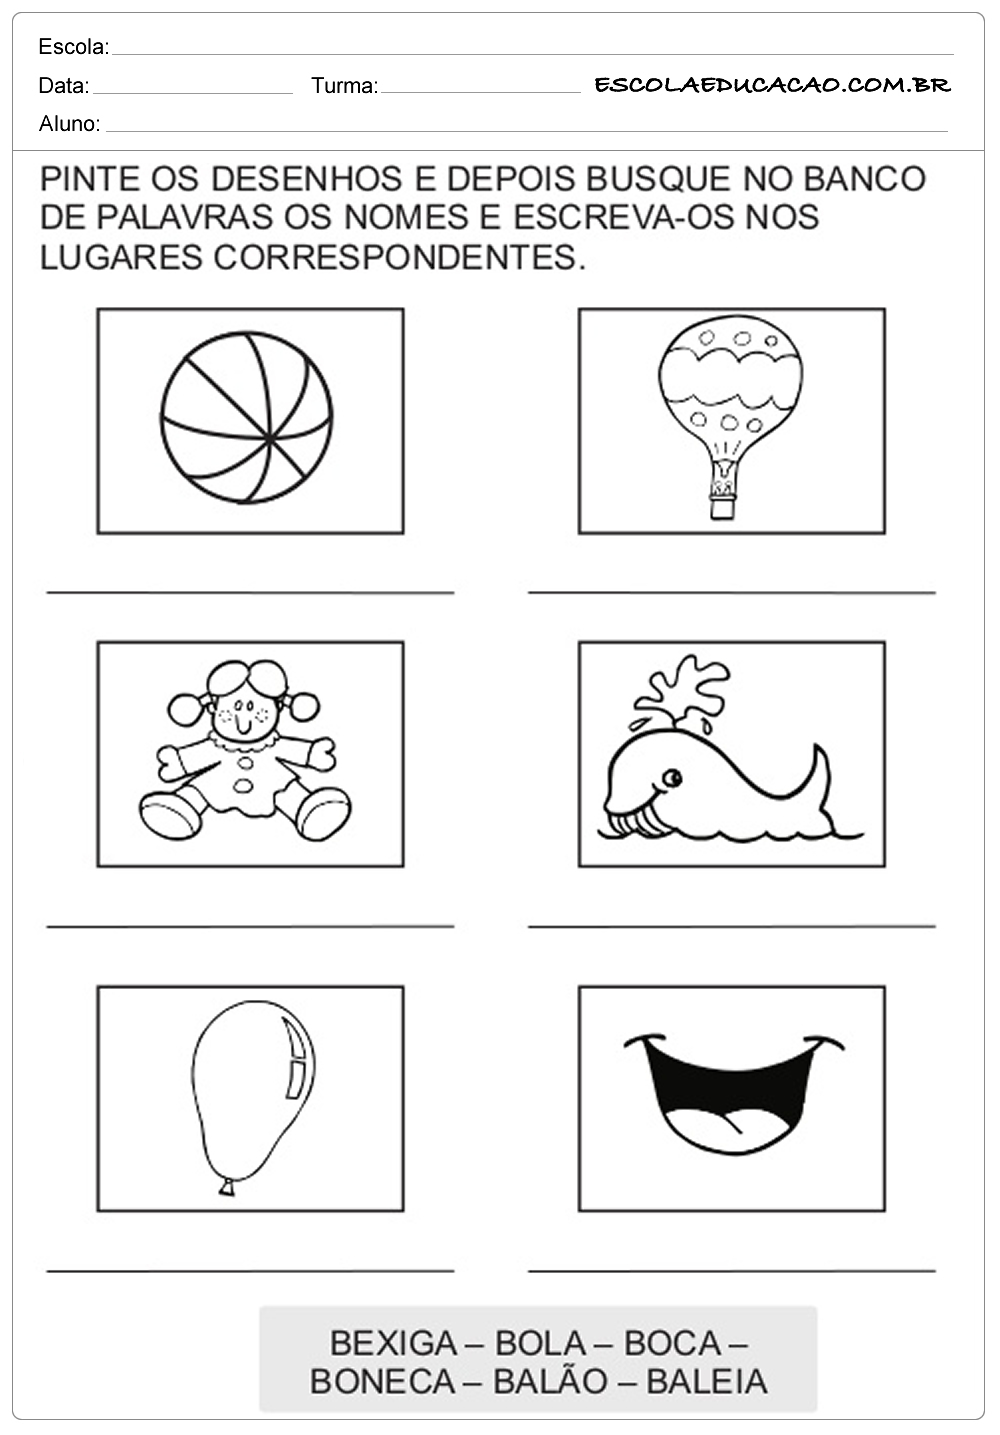 pinte os desenhos que possuem a letra b escola educação